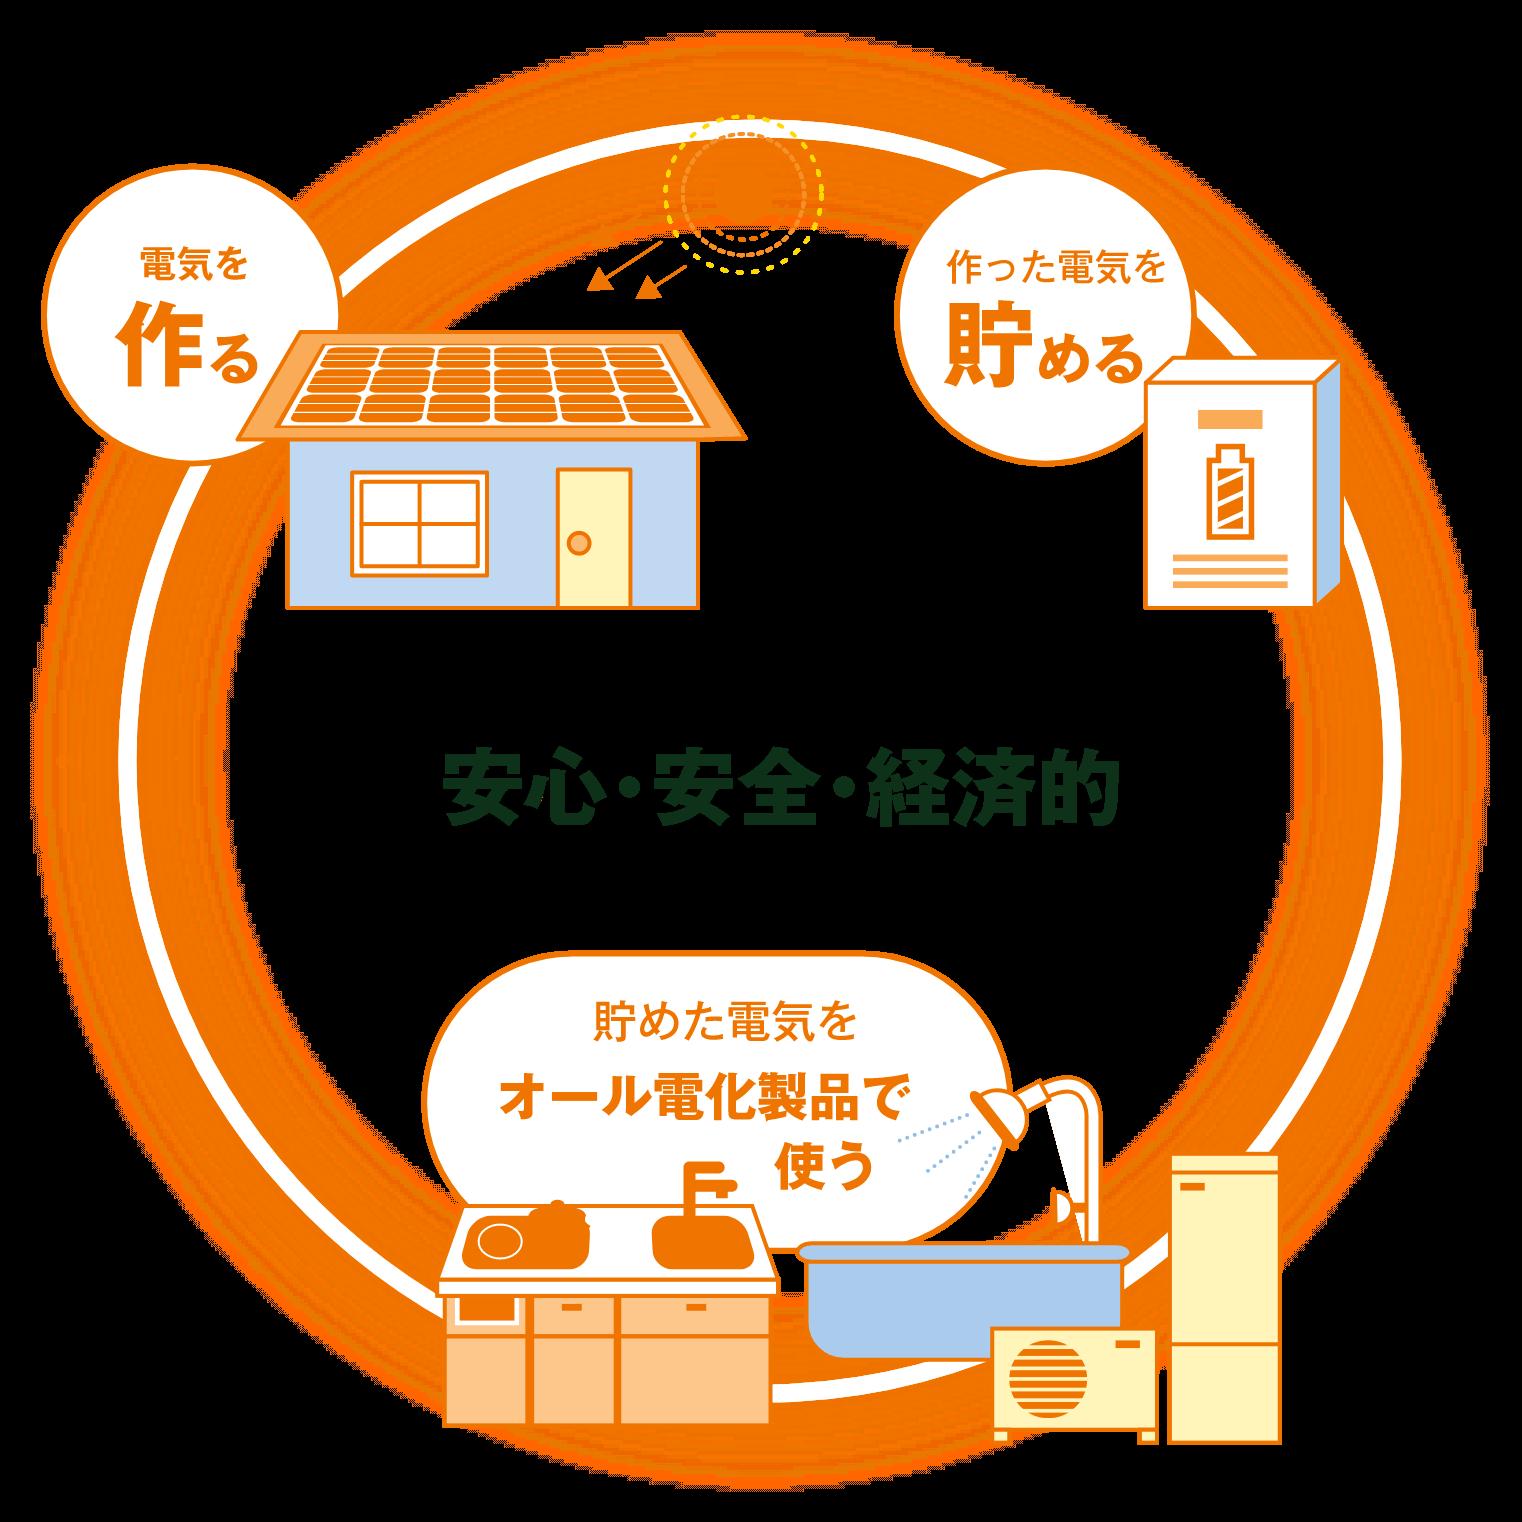 エネルギー循環イメージ